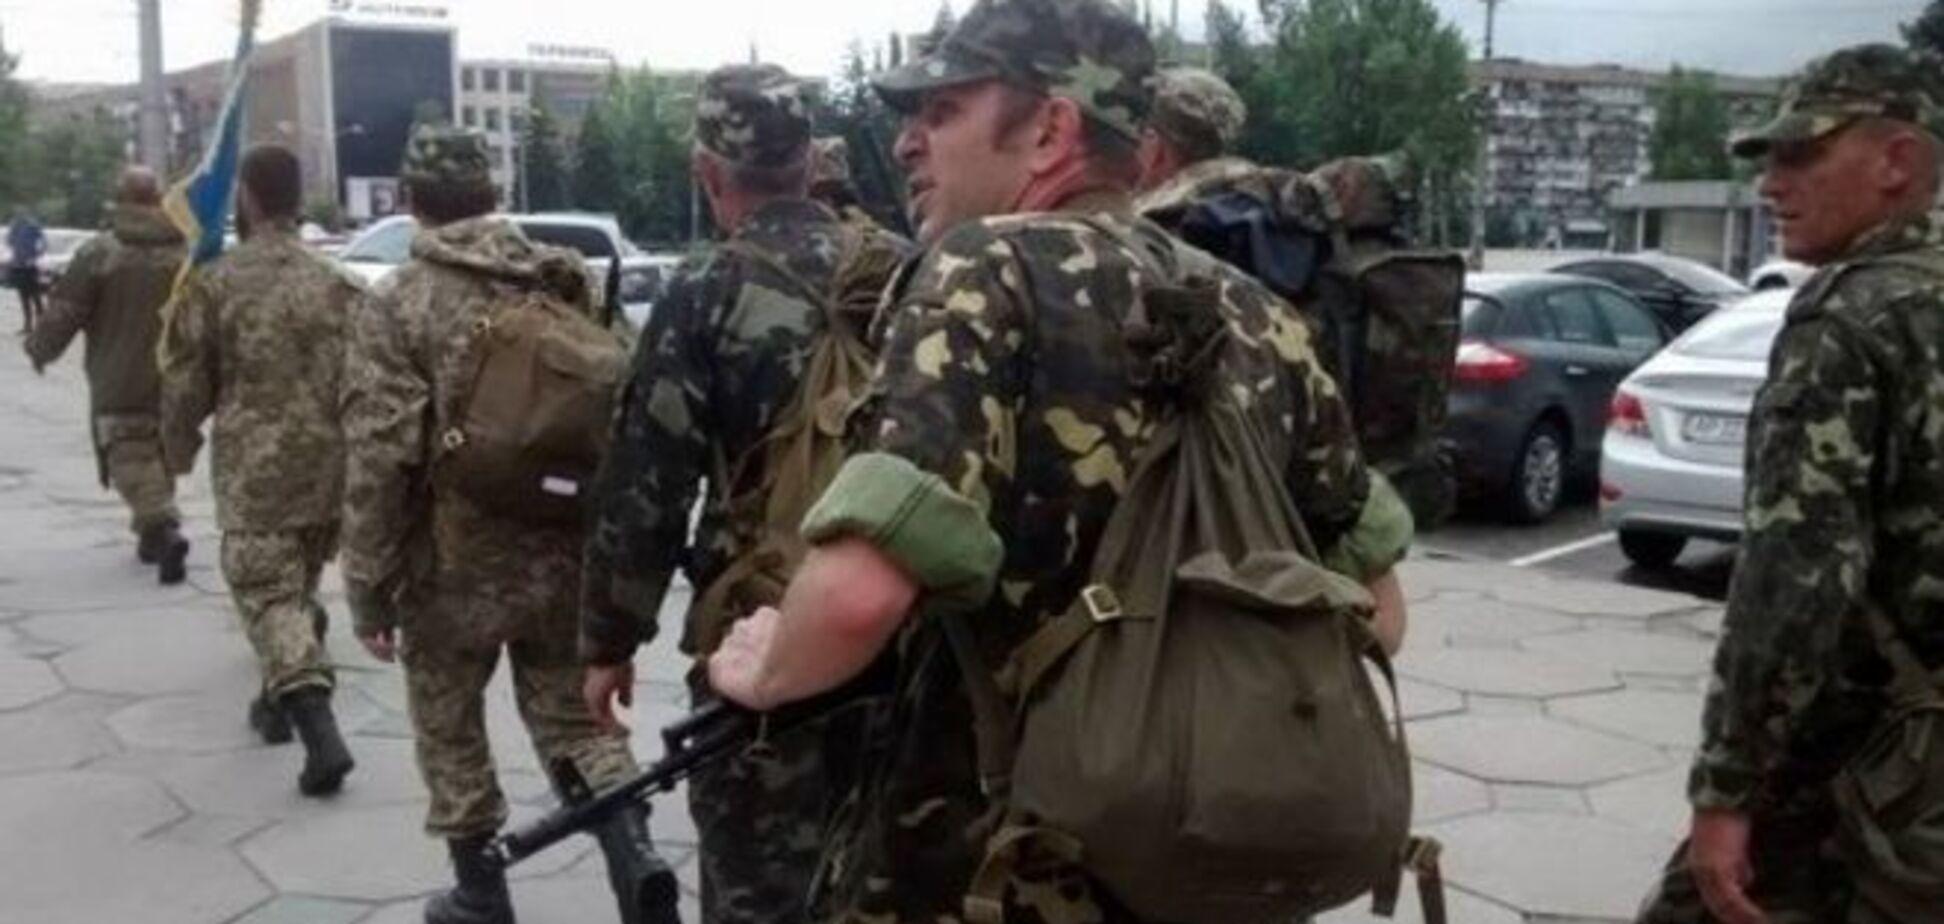 Зачем? Бойцов ВСУ заставили пешком идти из Запорожья в Мариуполь: фотофакт